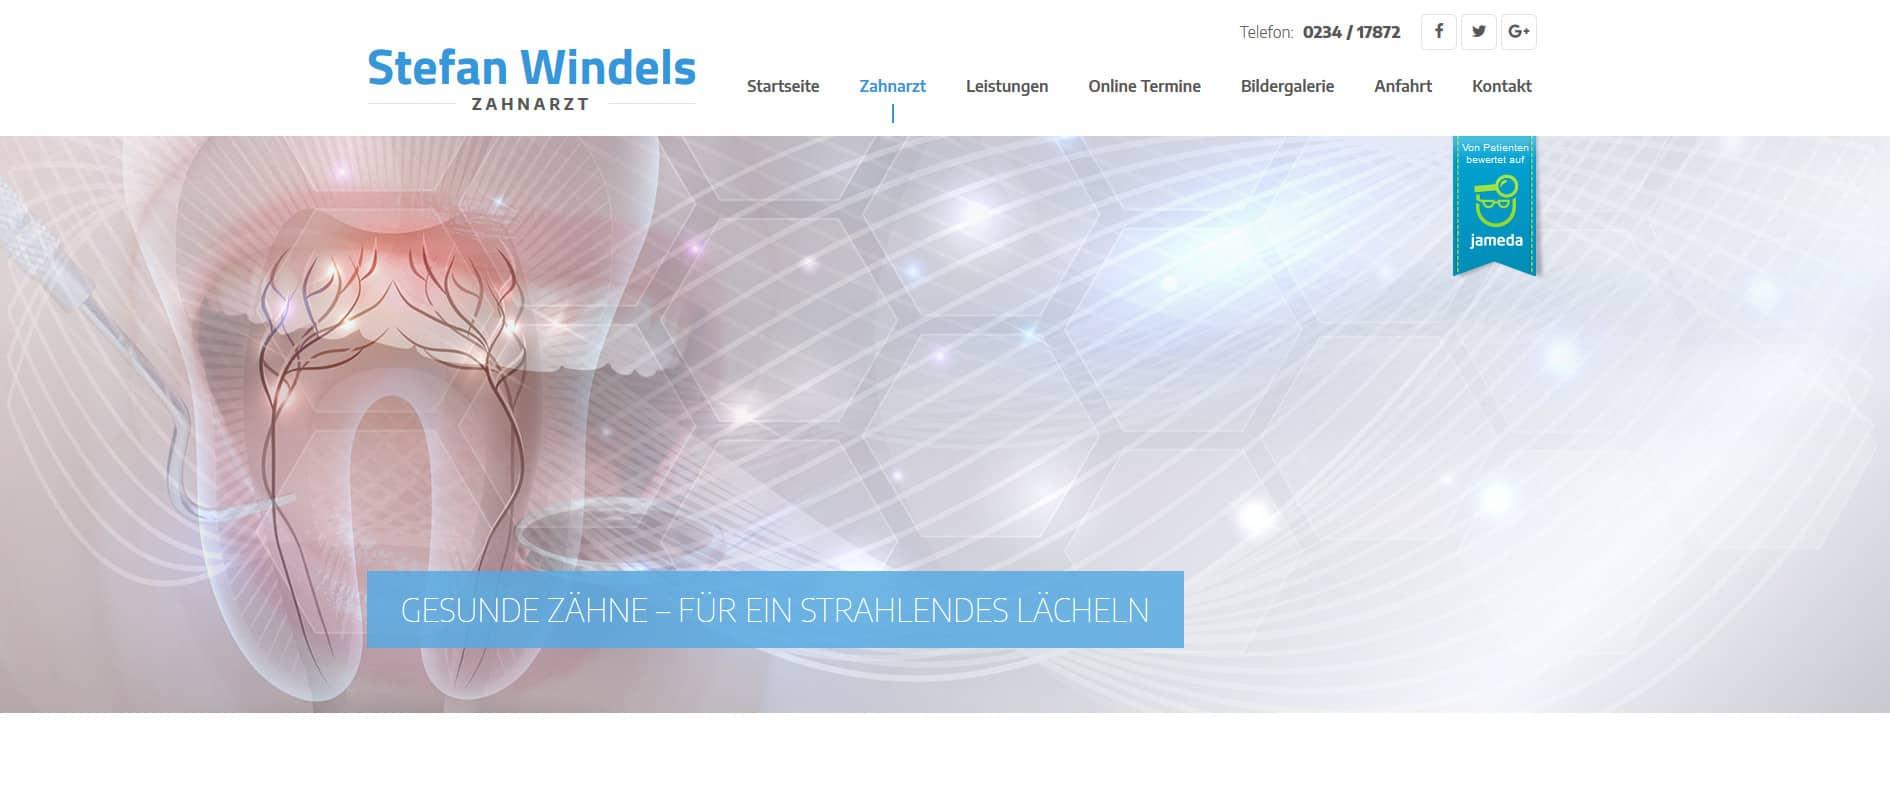 SEO-Webtexte für Zahnarzt aus Bochum im Auftrag von 5150media Webdesign und Suchmaschinenoptimierung